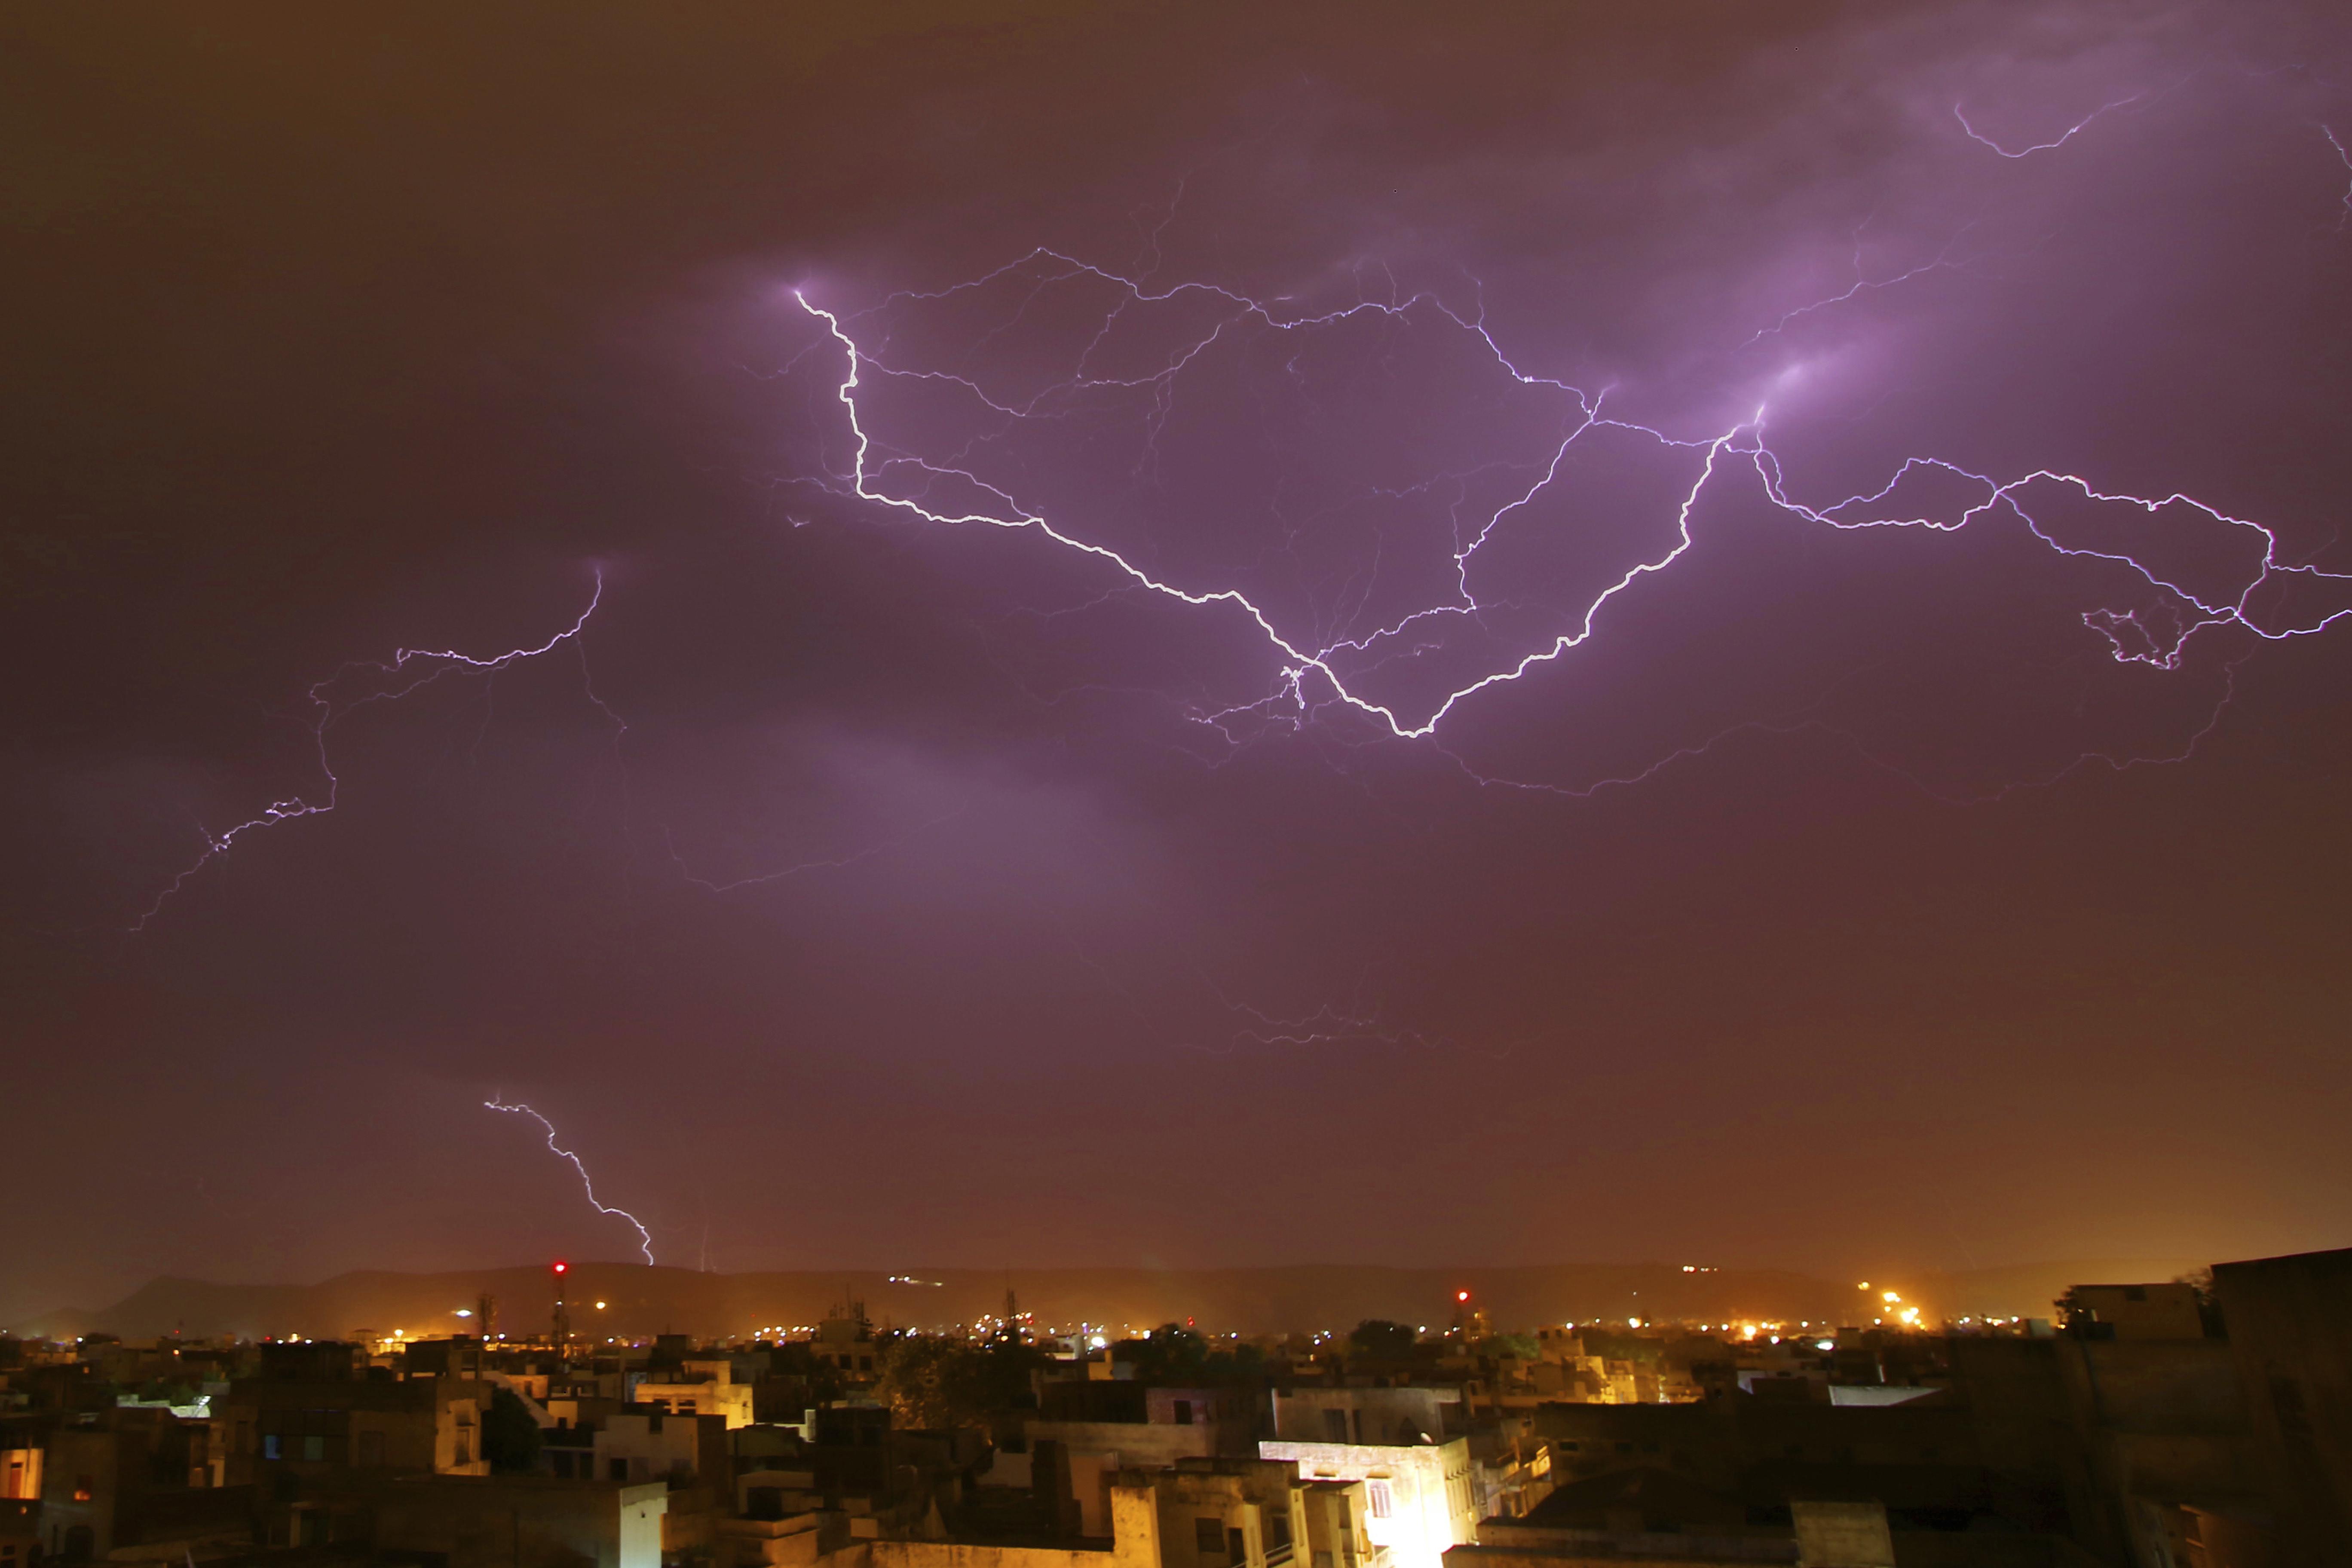 ▲ 印度每逢雨季,常因雷雨交加導致災害頻傳。(圖/達志影像/美聯社)